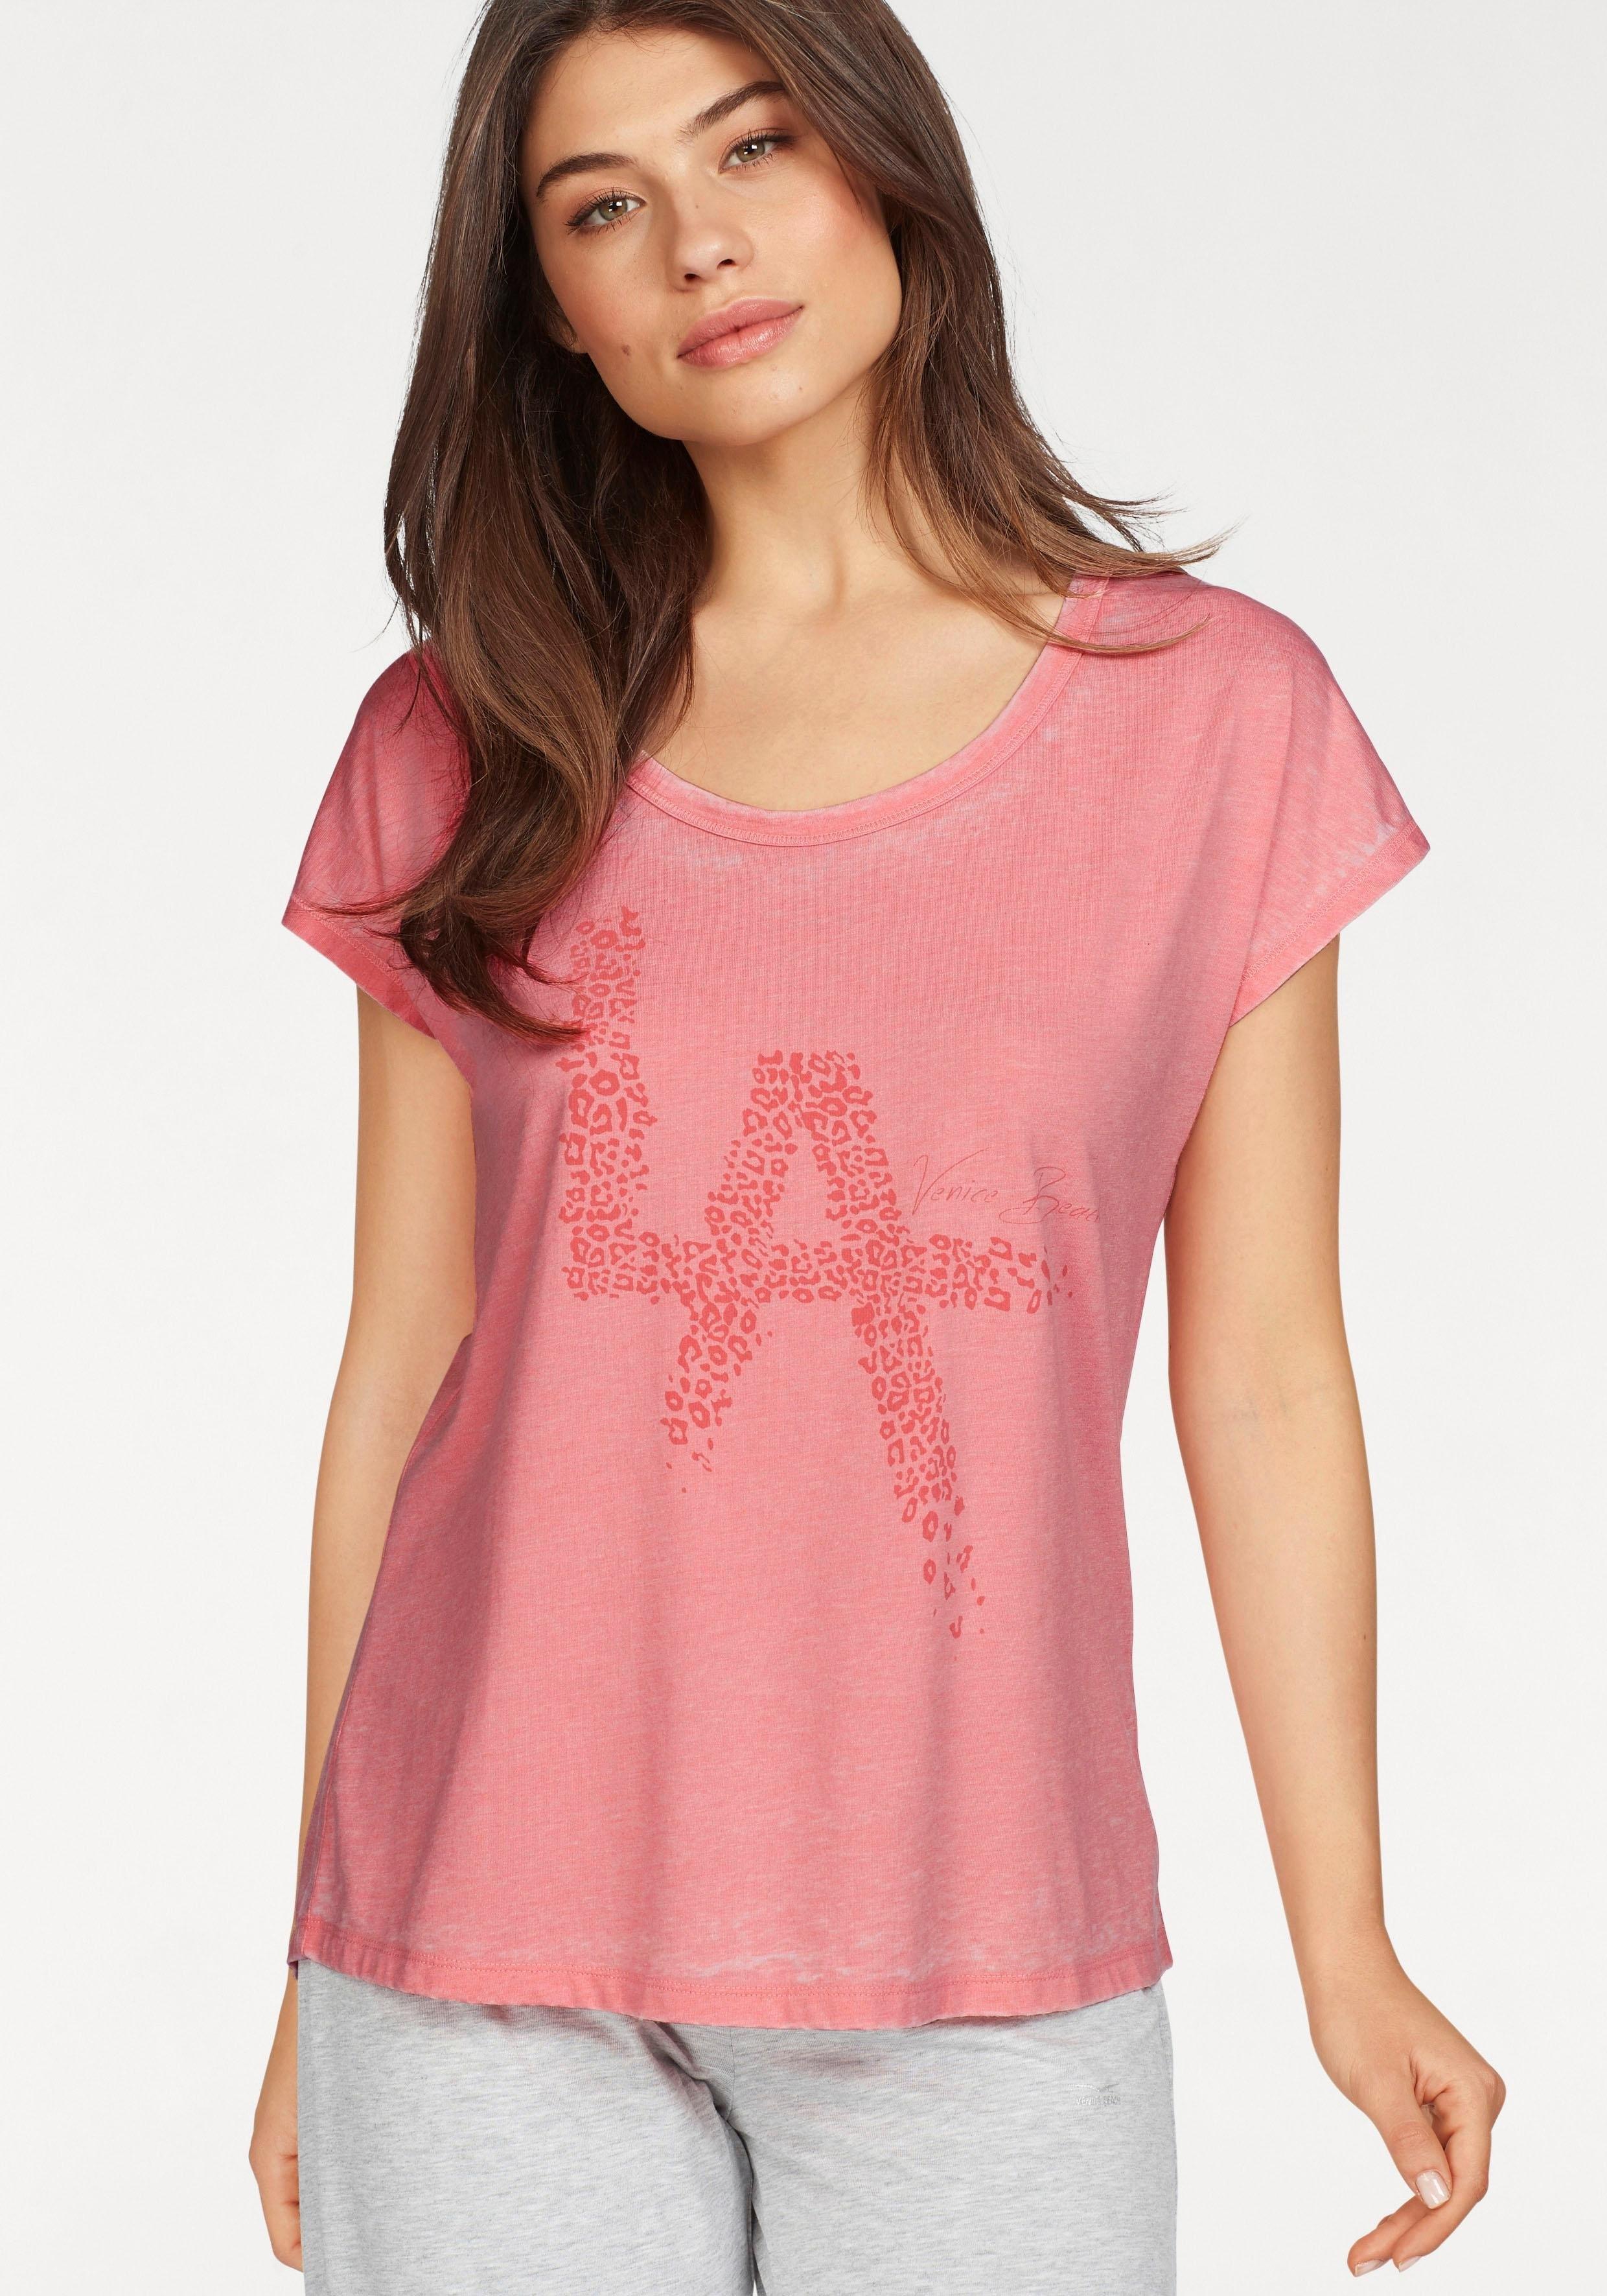 VENICE BEACH T-shirt »Popcorn« met opschrift voorzien van luipaardmotief voordelig en veilig online kopen